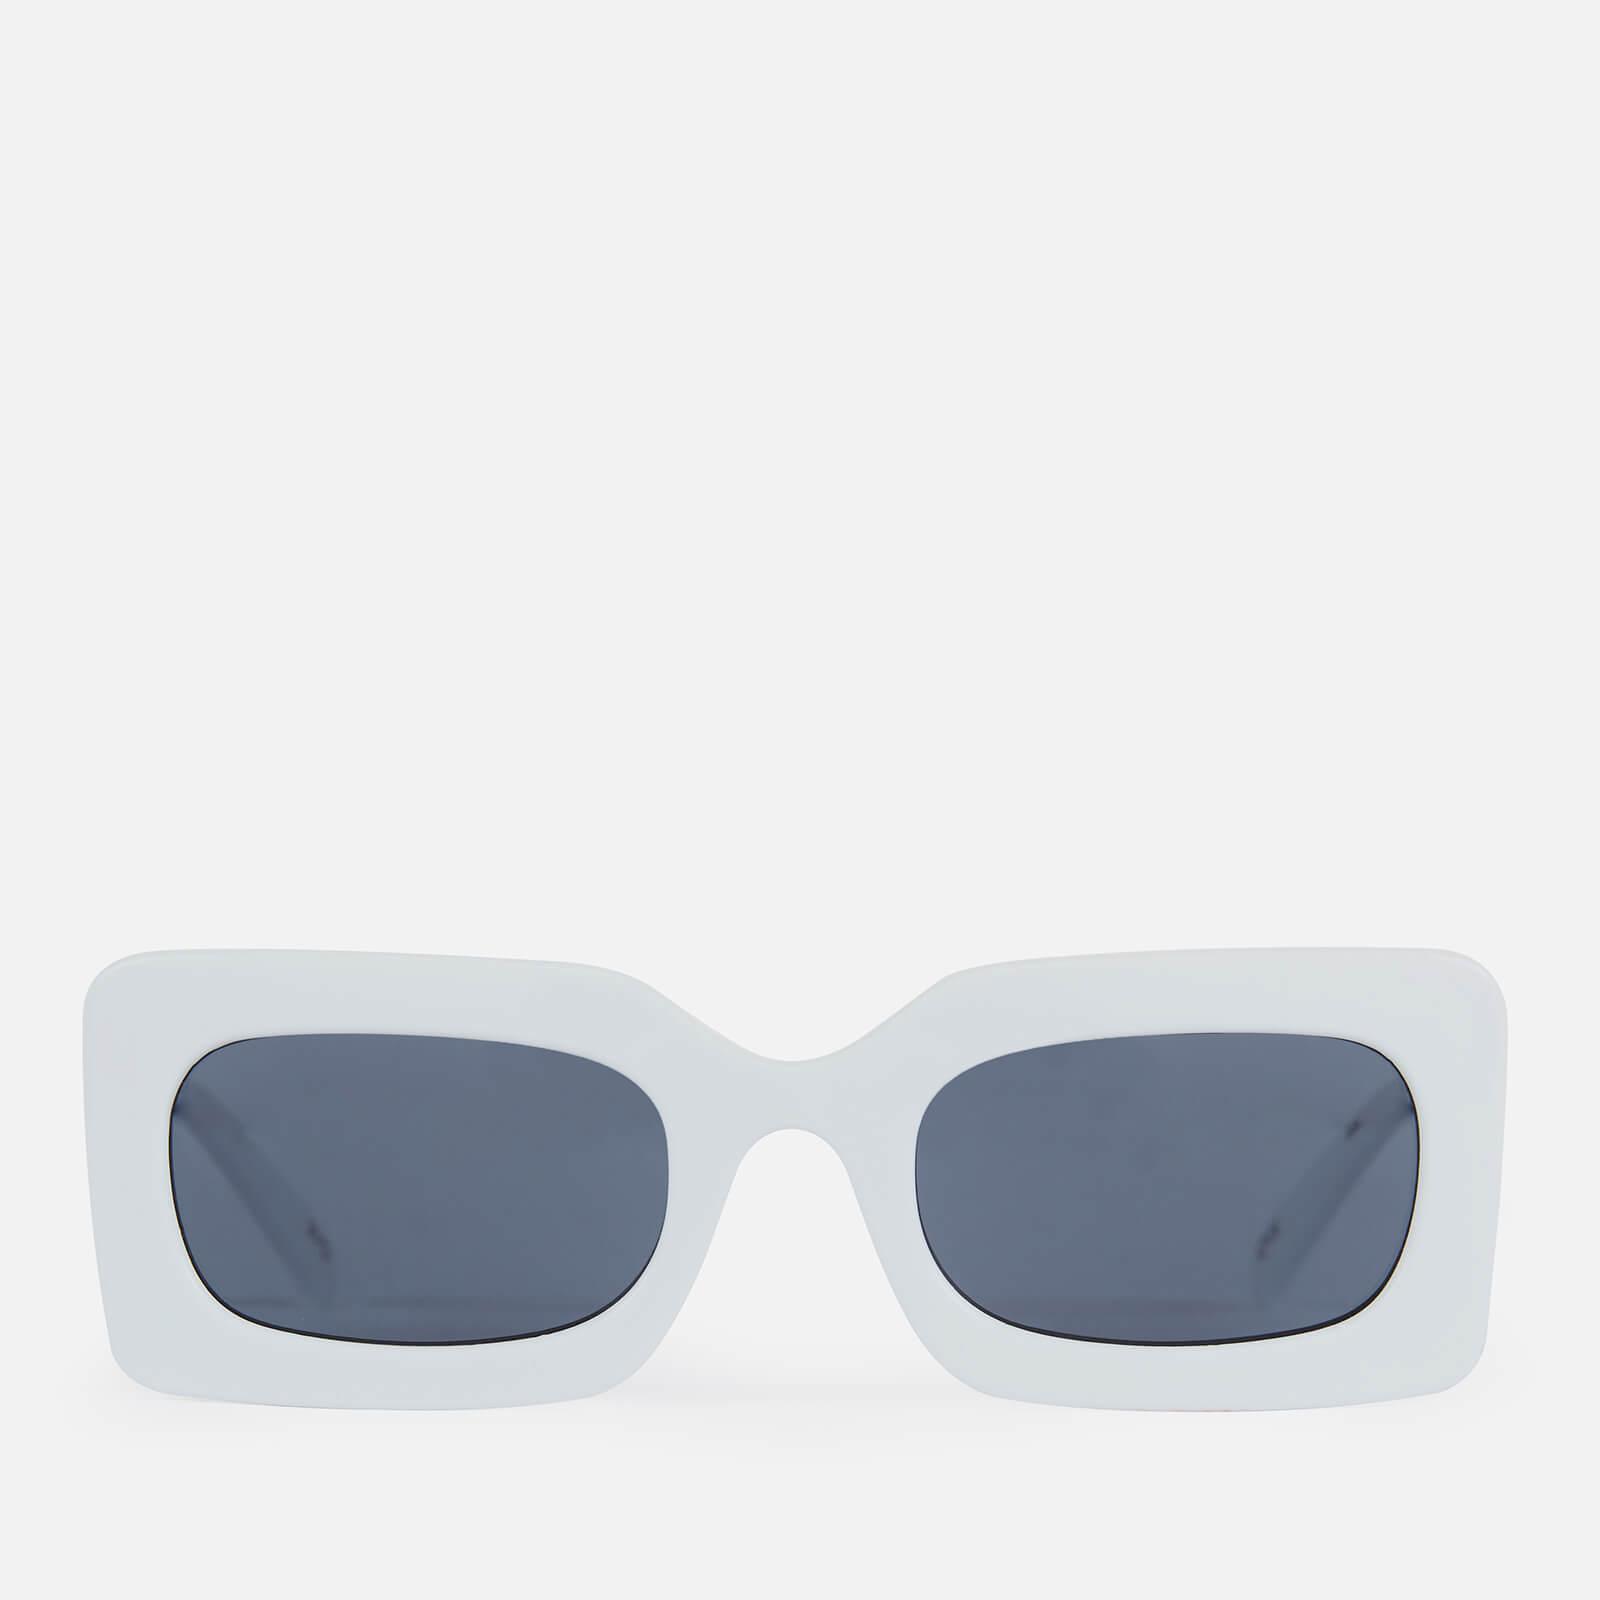 Le Specs Women's Sex Square Sunglasses - White